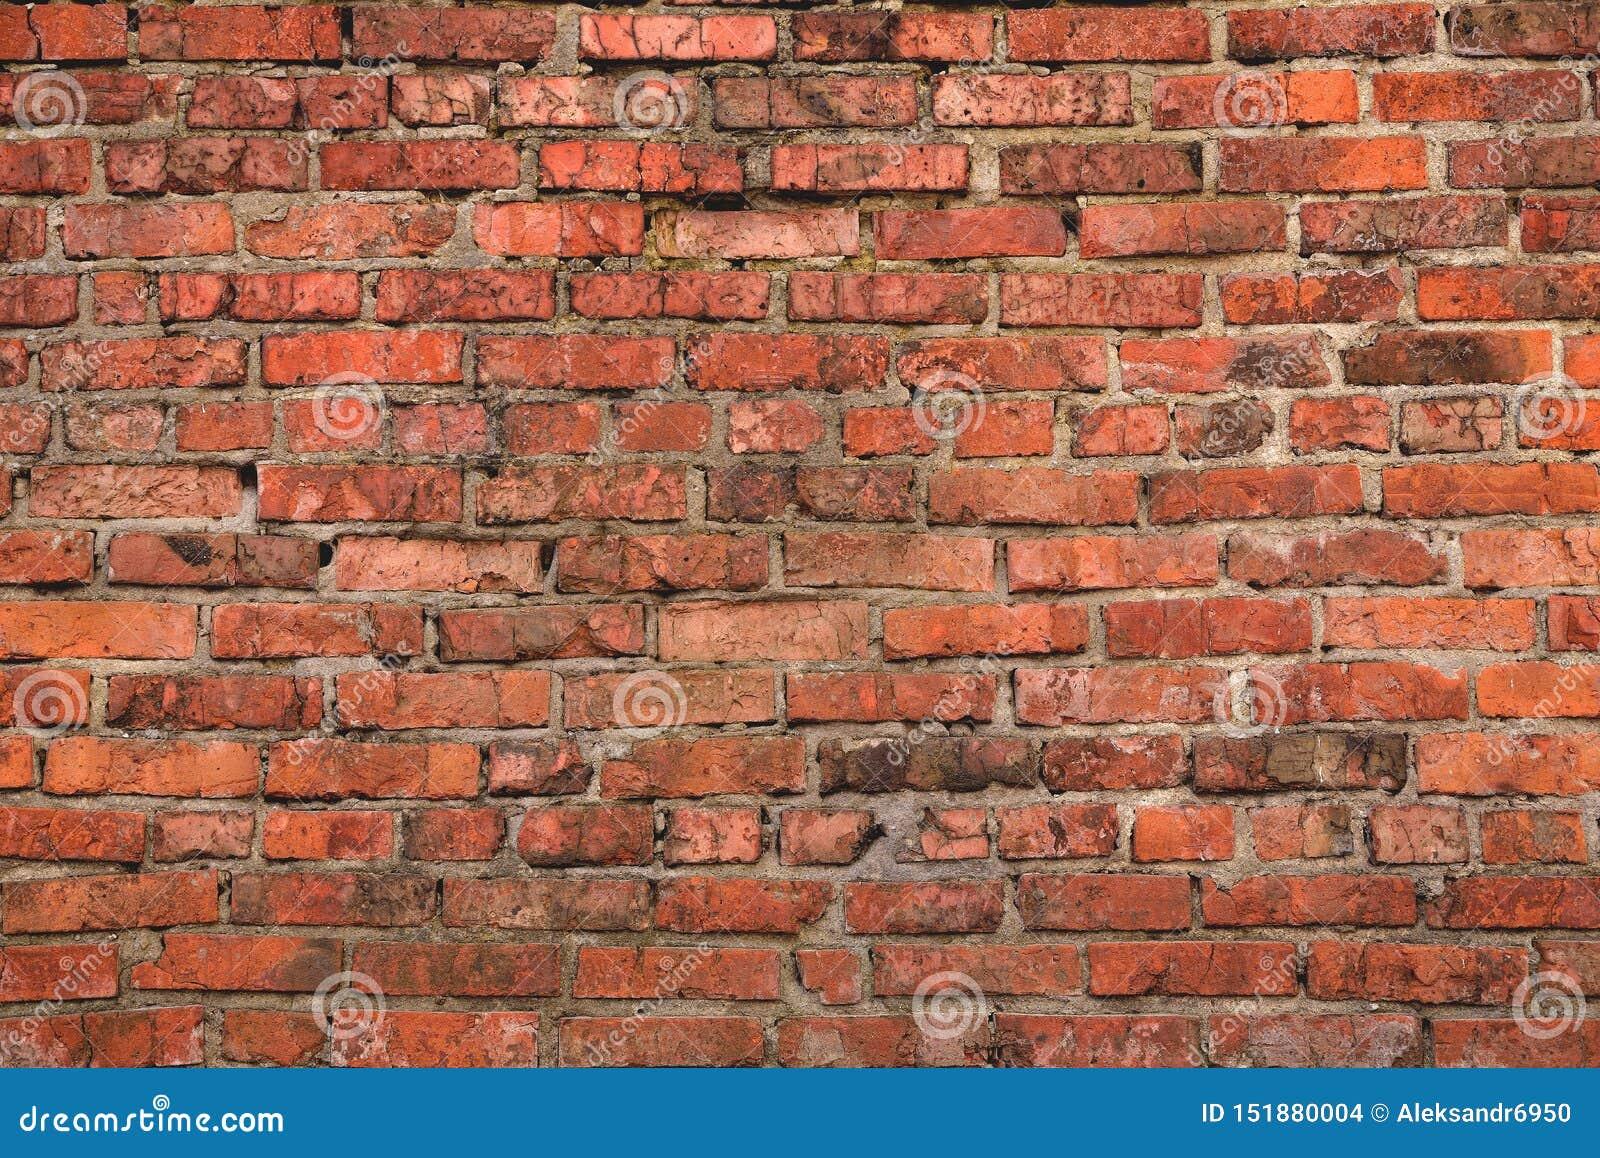 Verwitterte Und Defekte Ziegelsteine Der Alten Backsteinmauer, Hintergrund Stockfoto   Bild von ...